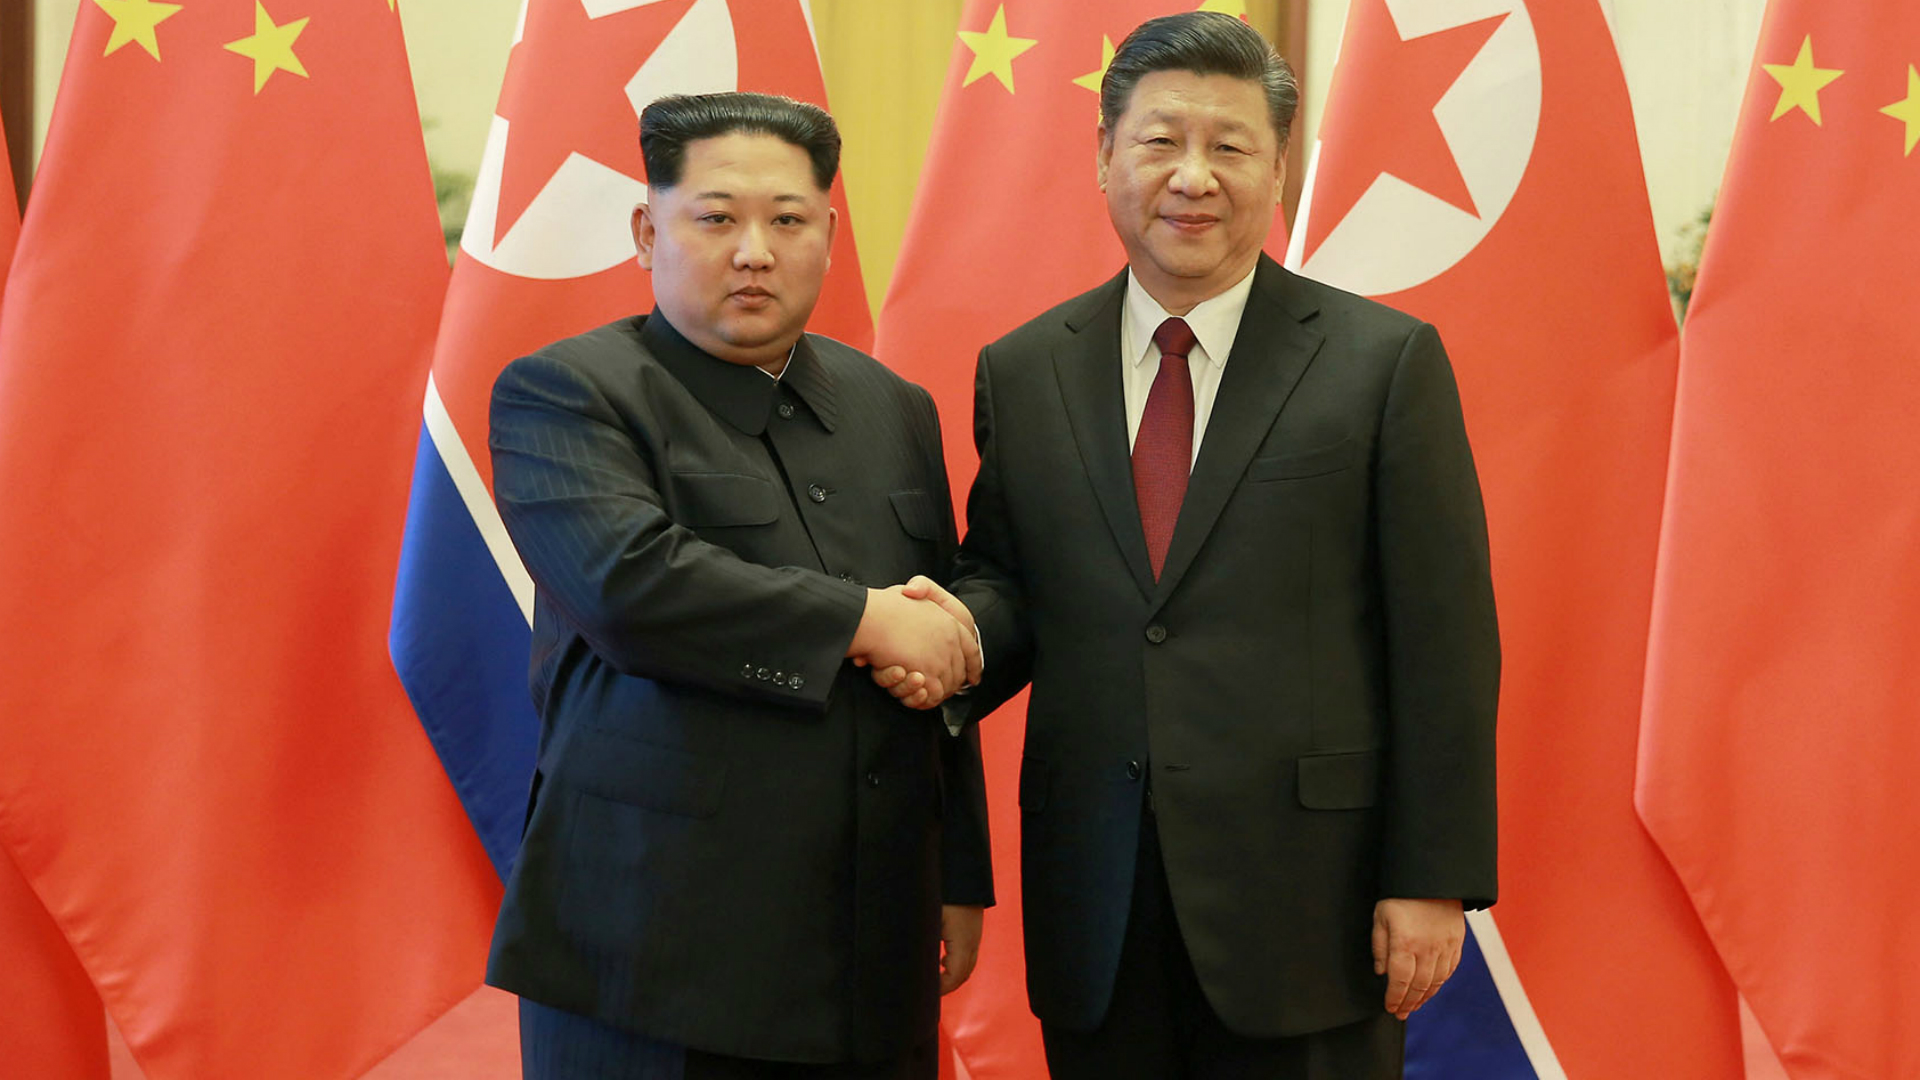 El dictador norcoreano y el presidente chino en Beijing durante una reunión en marzo.